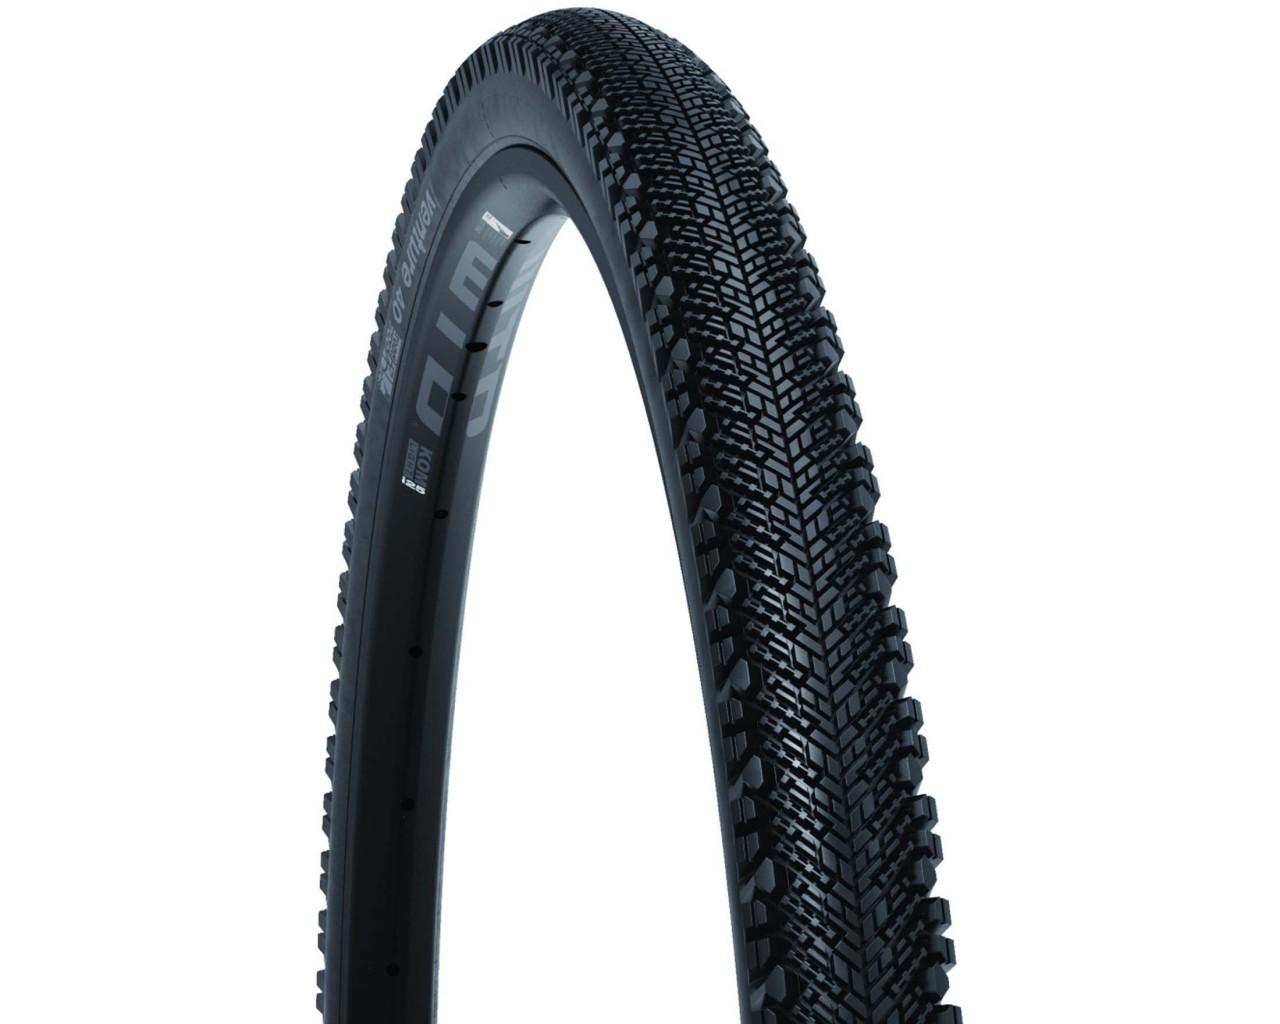 WTB Venture TCS 700C SG2 Gravel Tire 29 inch   black